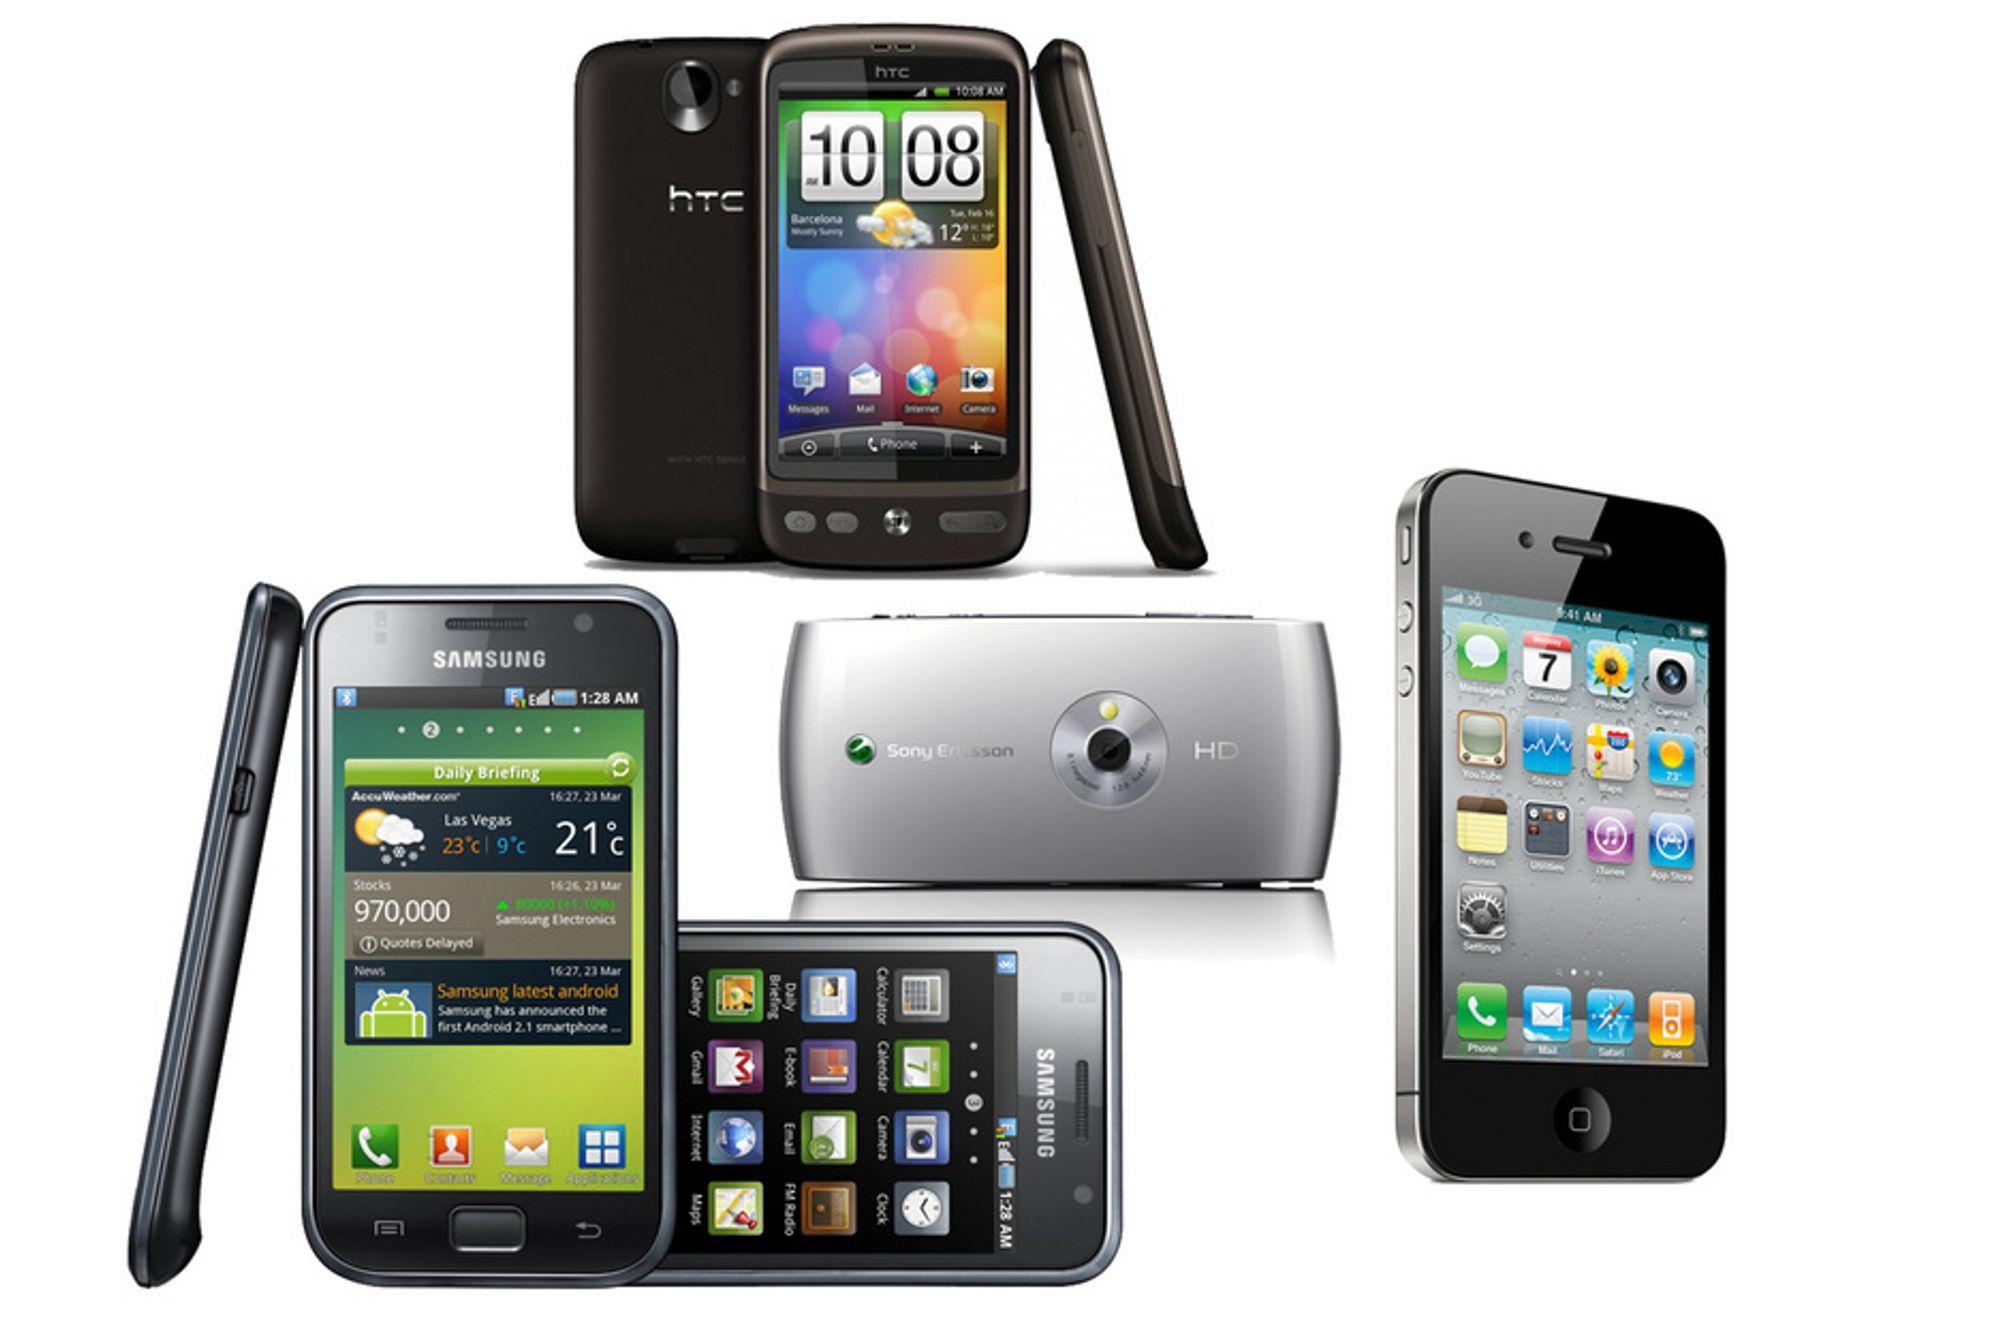 Samsung Galaxy S, HTC Desire, Sony Ericsson Vivaz og iPhone 4 er alle nominerte til minst én pris under Gulltasten-kåringen.